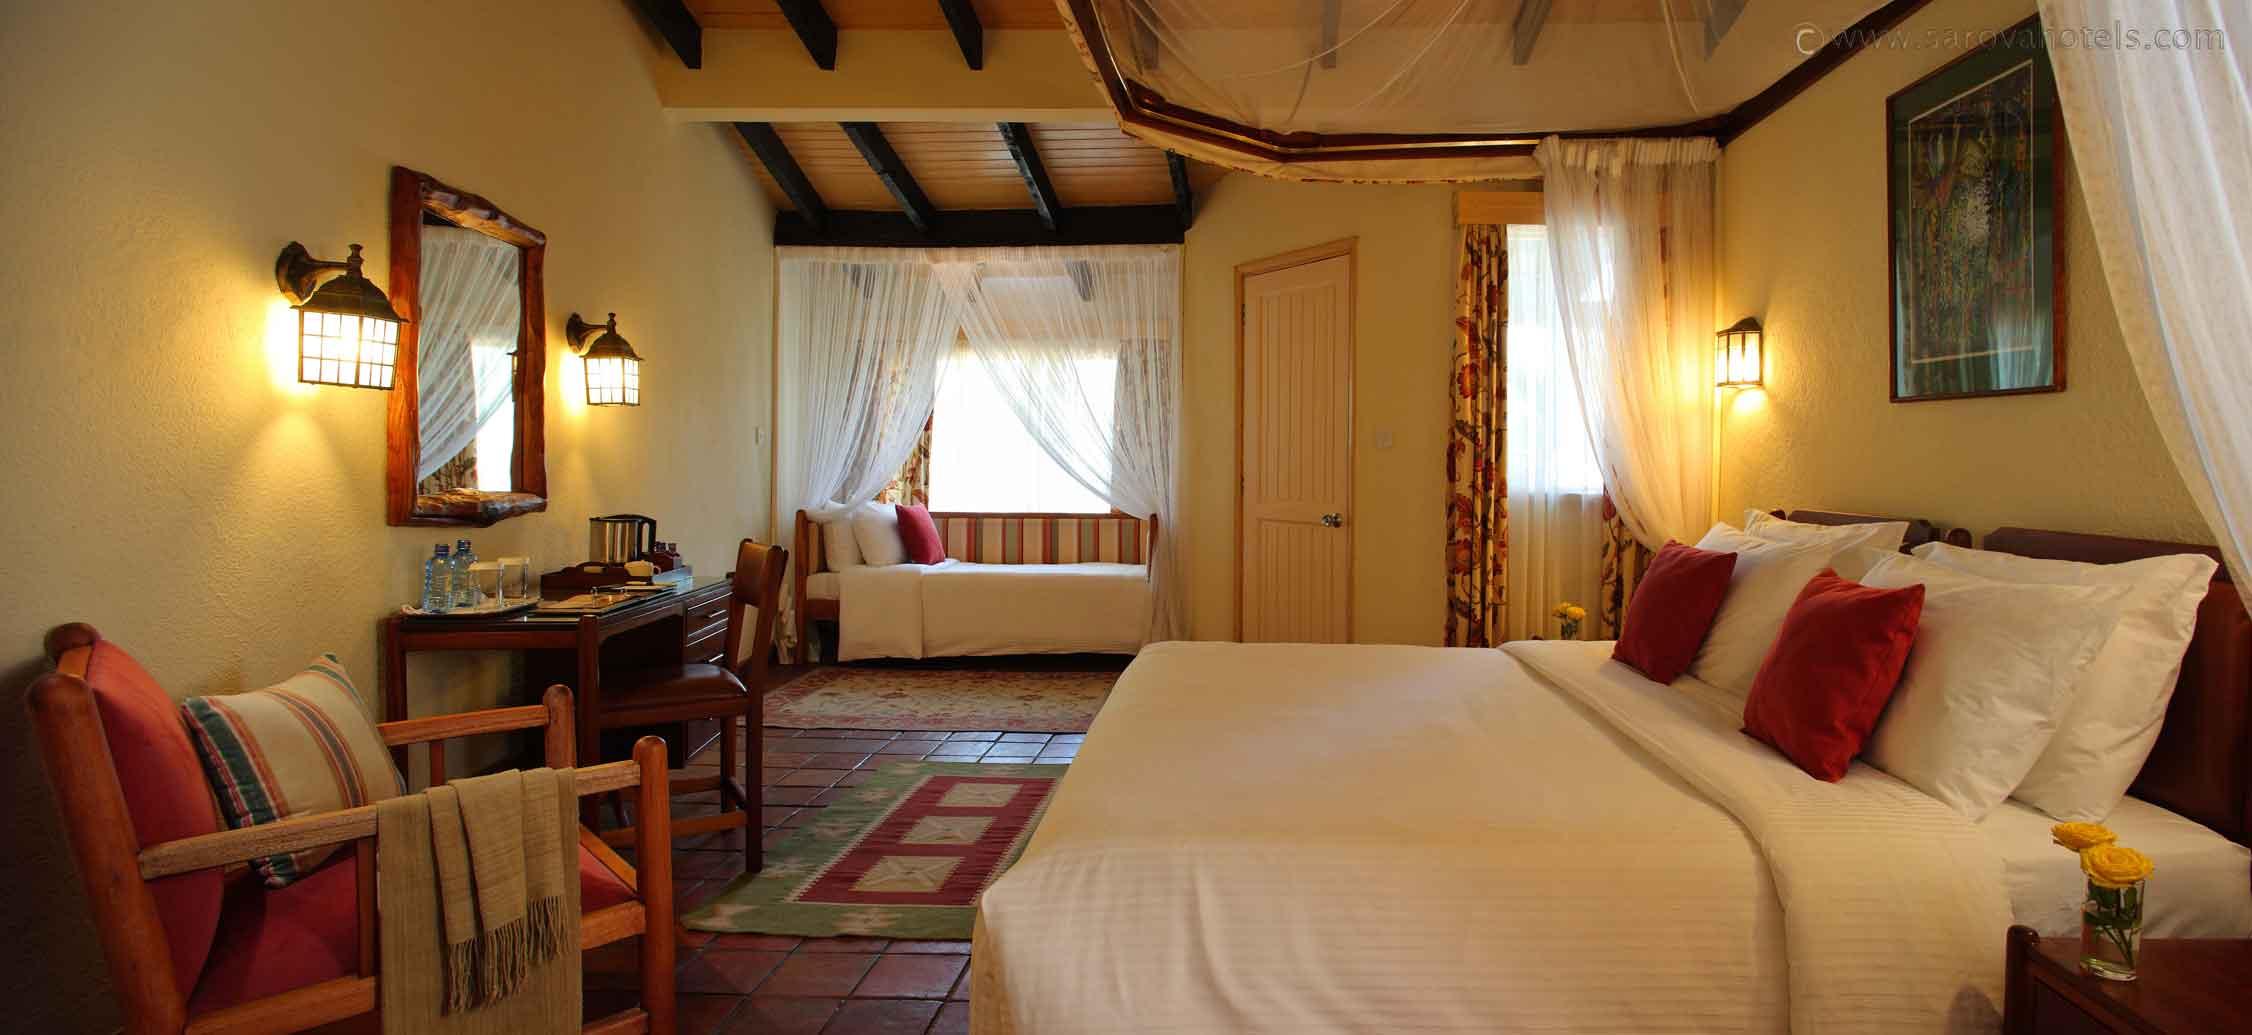 standard-room-2.jpg